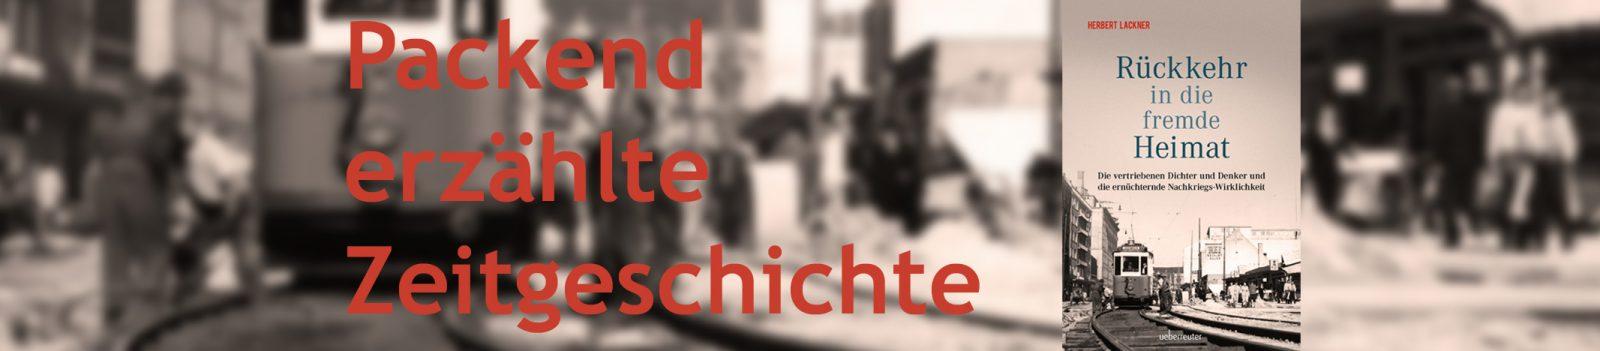 Lackner_Rueckkehr